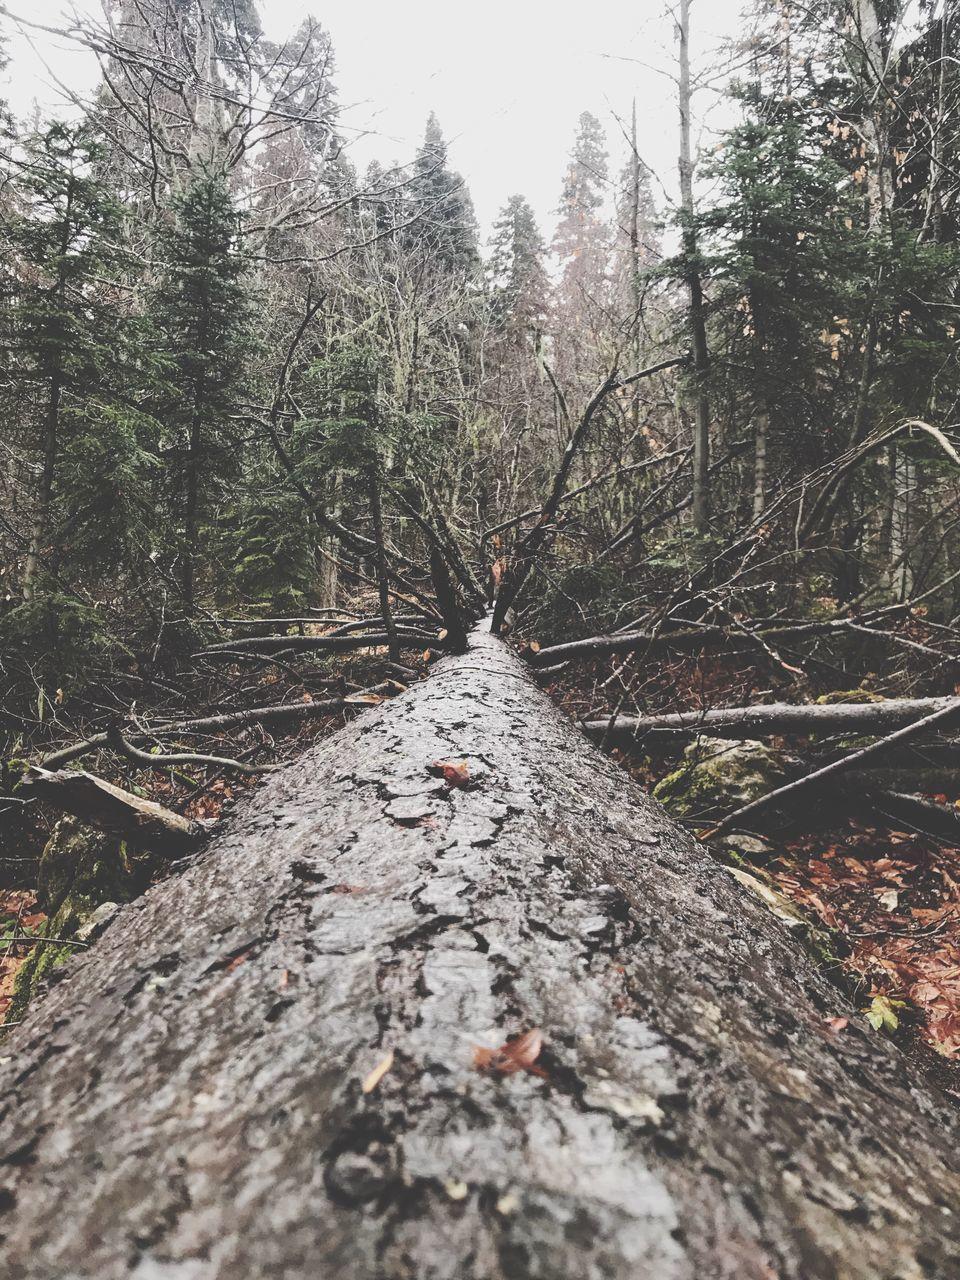 DEAD TREE ON ROCK